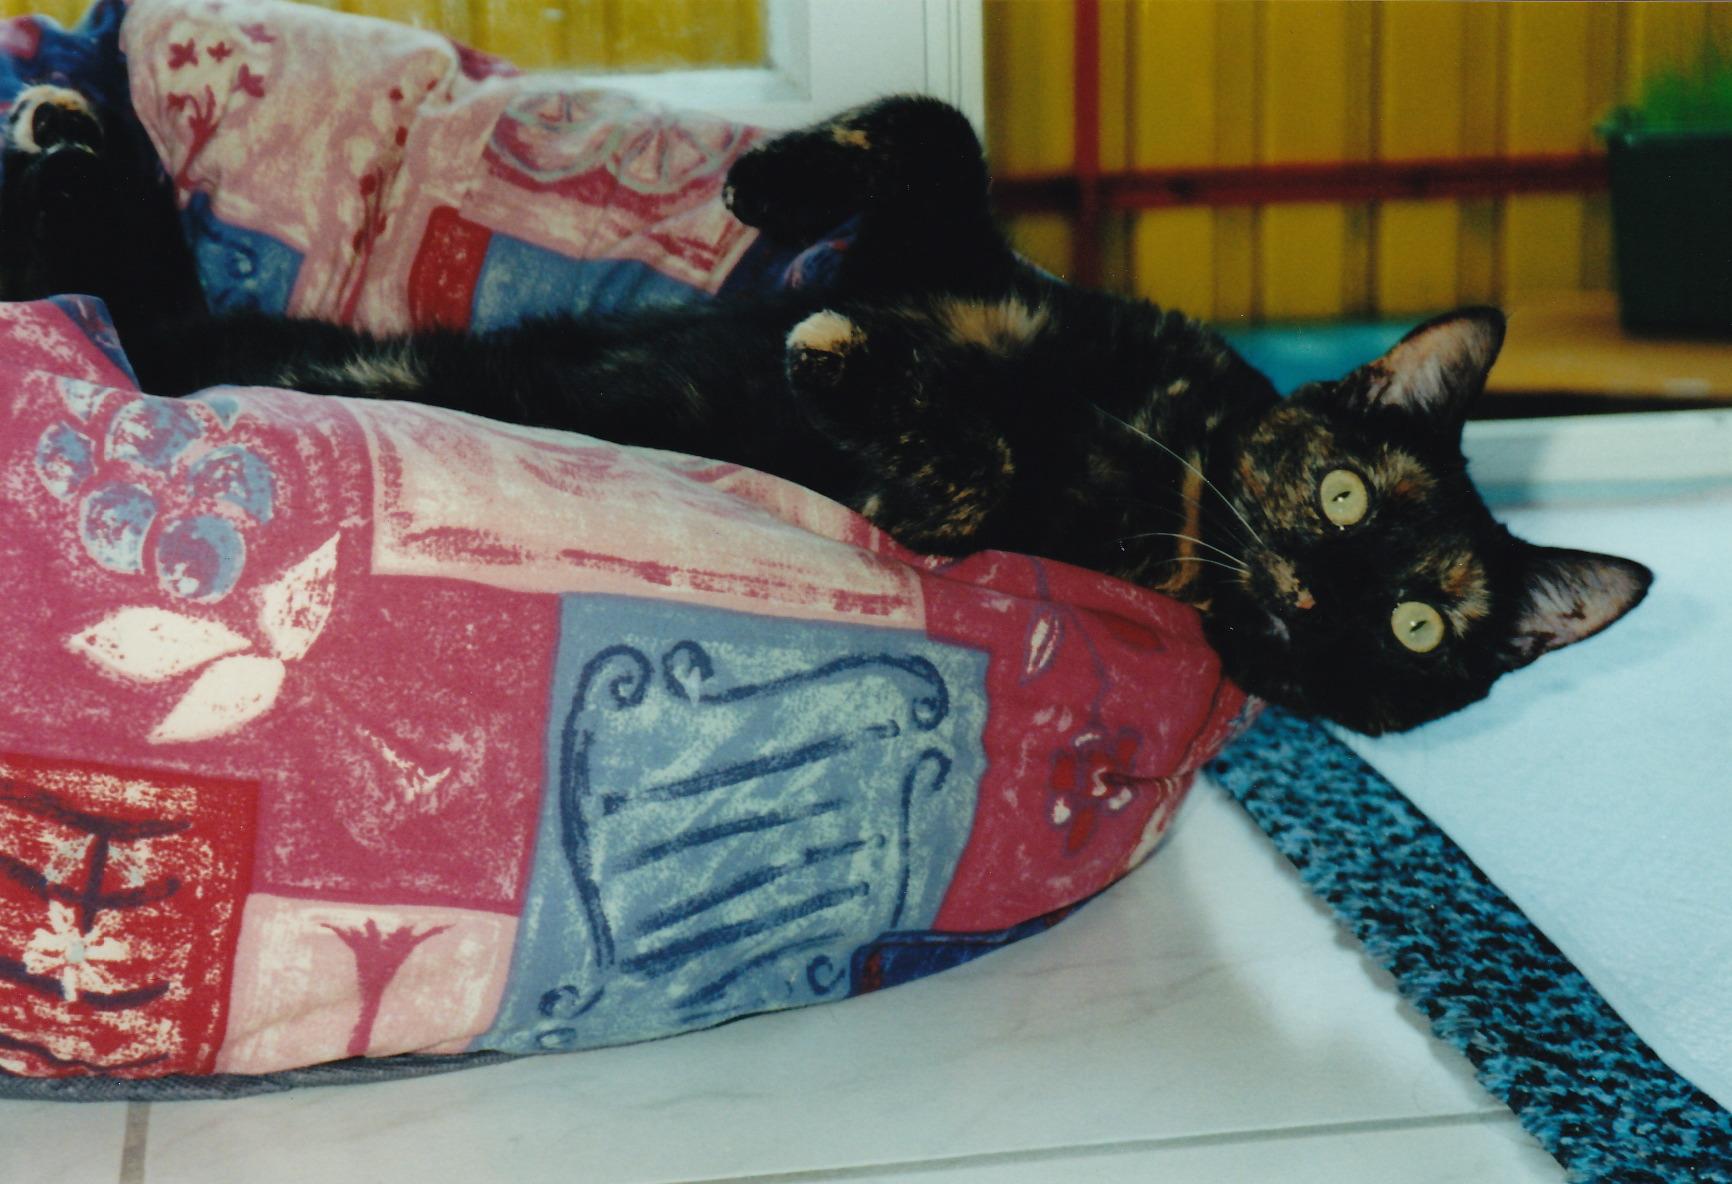 Lissy, gest. 2010 (geb. 1999)